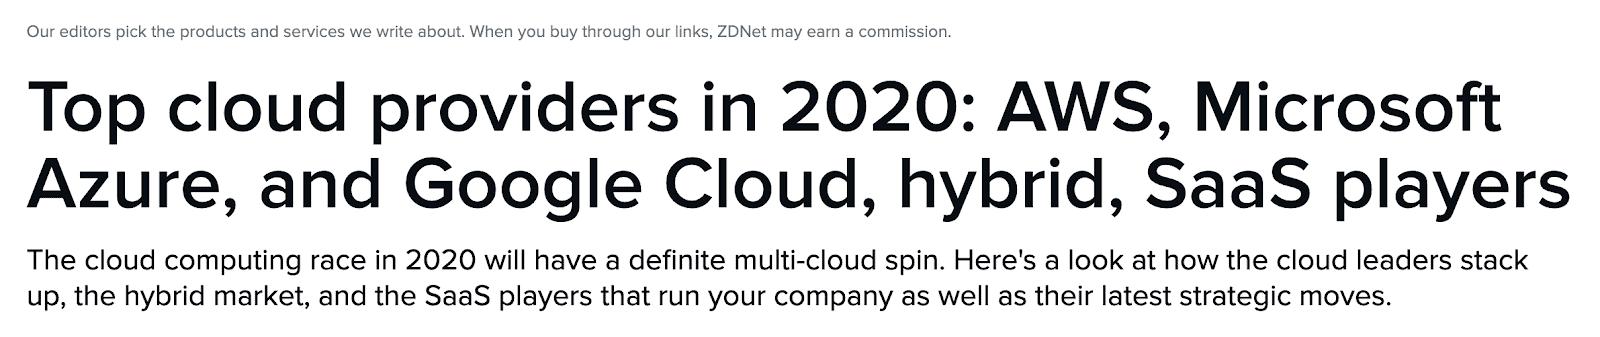 ZDNet Comparison Post